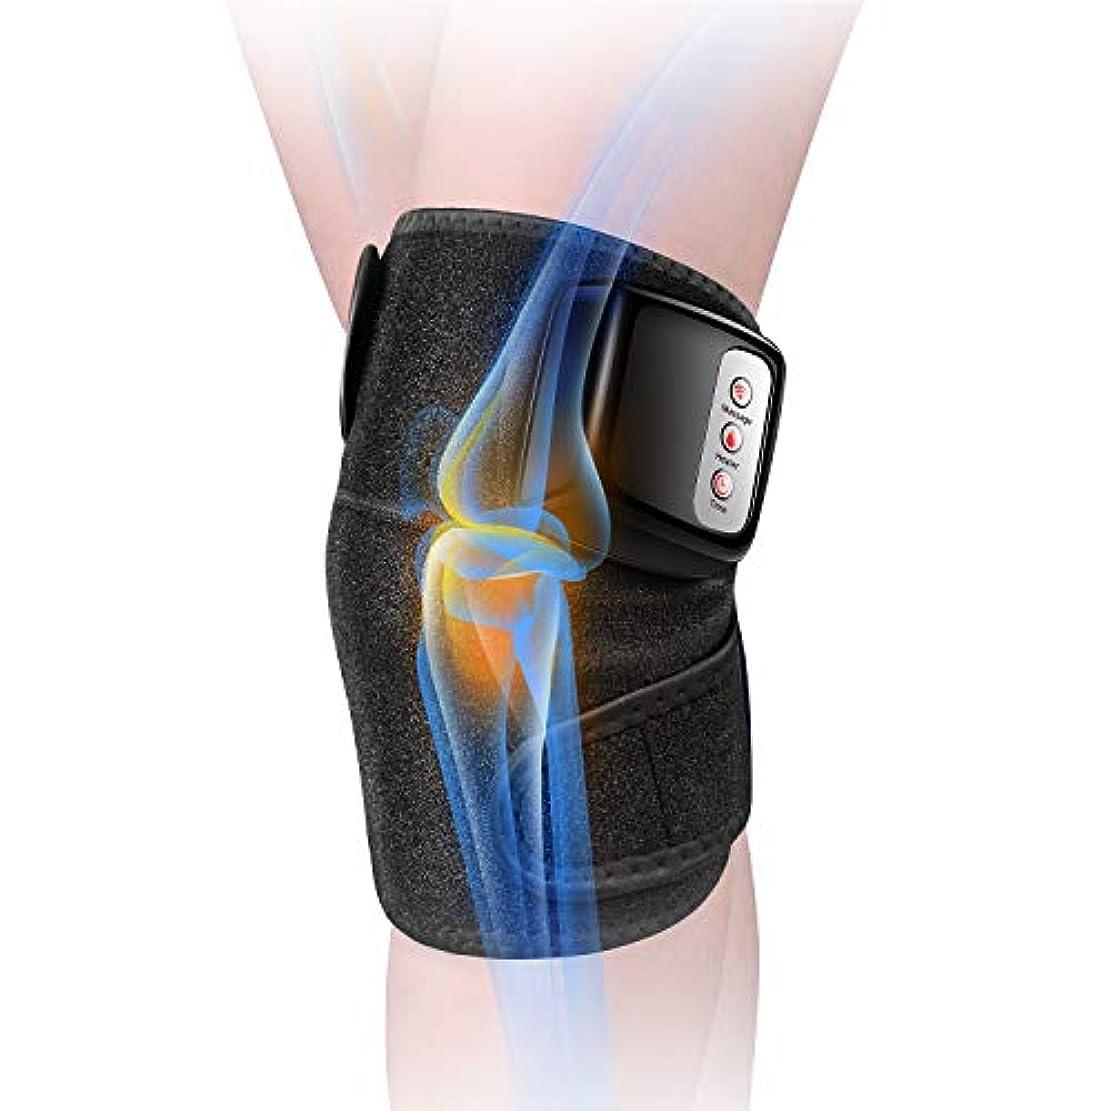 押し下げる恐竜任命する膝マッサージャー 関節マッサージャー マッサージ器 フットマッサージャー 振動 赤外線療法 温熱療法 膝サポーター ストレス解消 肩 太もも/腕対応